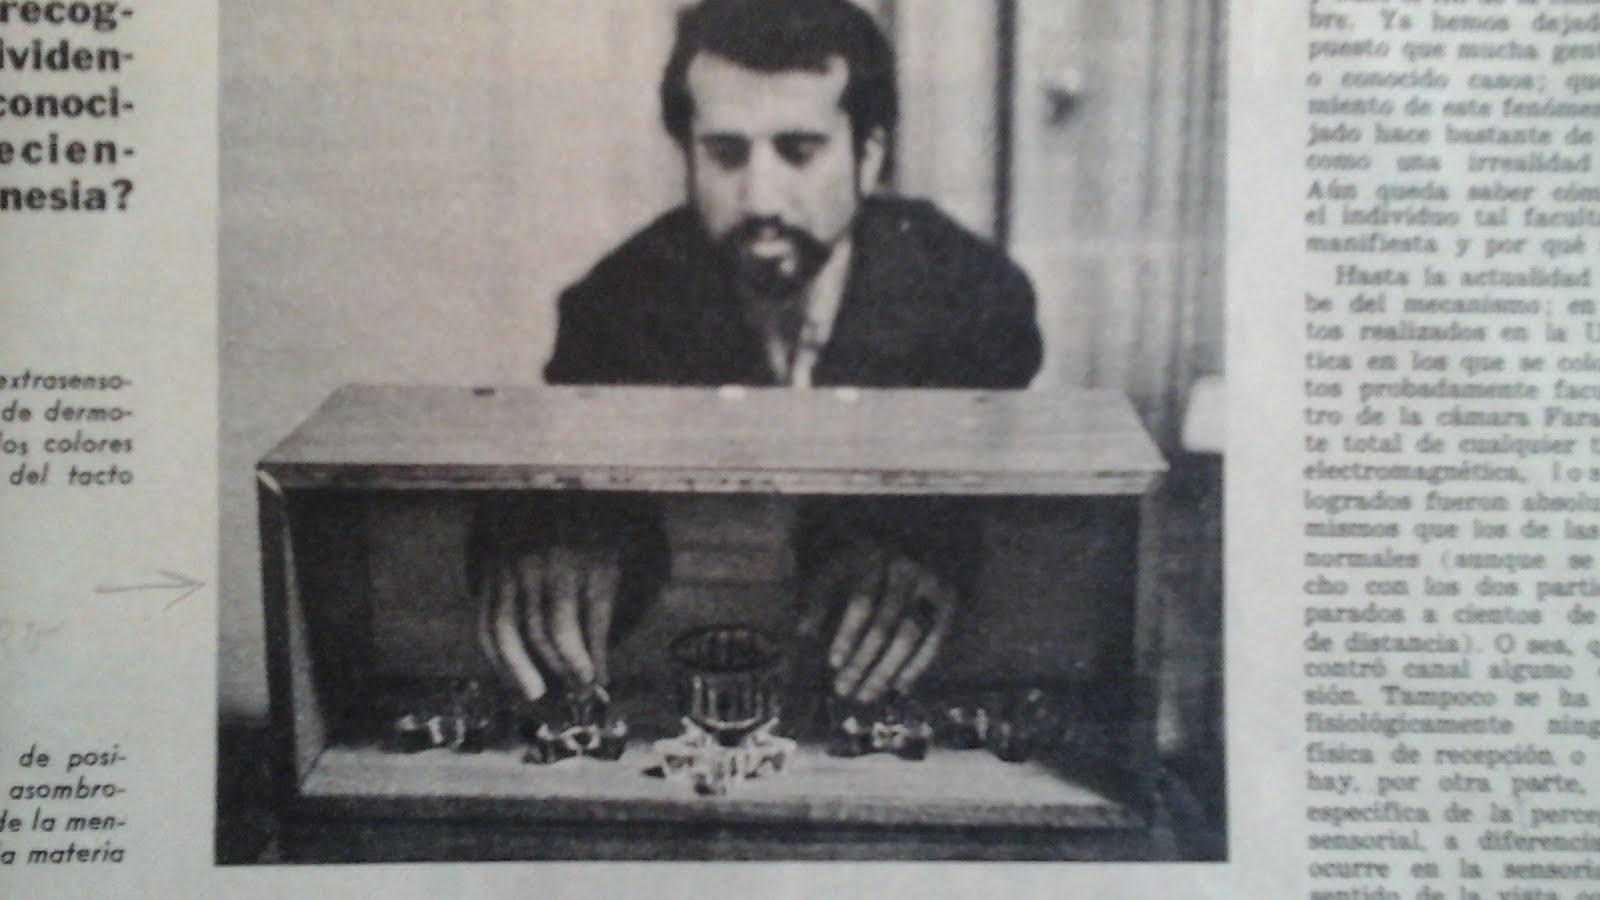 8 - REVISTA DEL DIARIO LA NACIÓN, ARGENTINA, 2/11/1969.ENTREVISTA A NAUM KLIKSBERG QUIEN APARECE